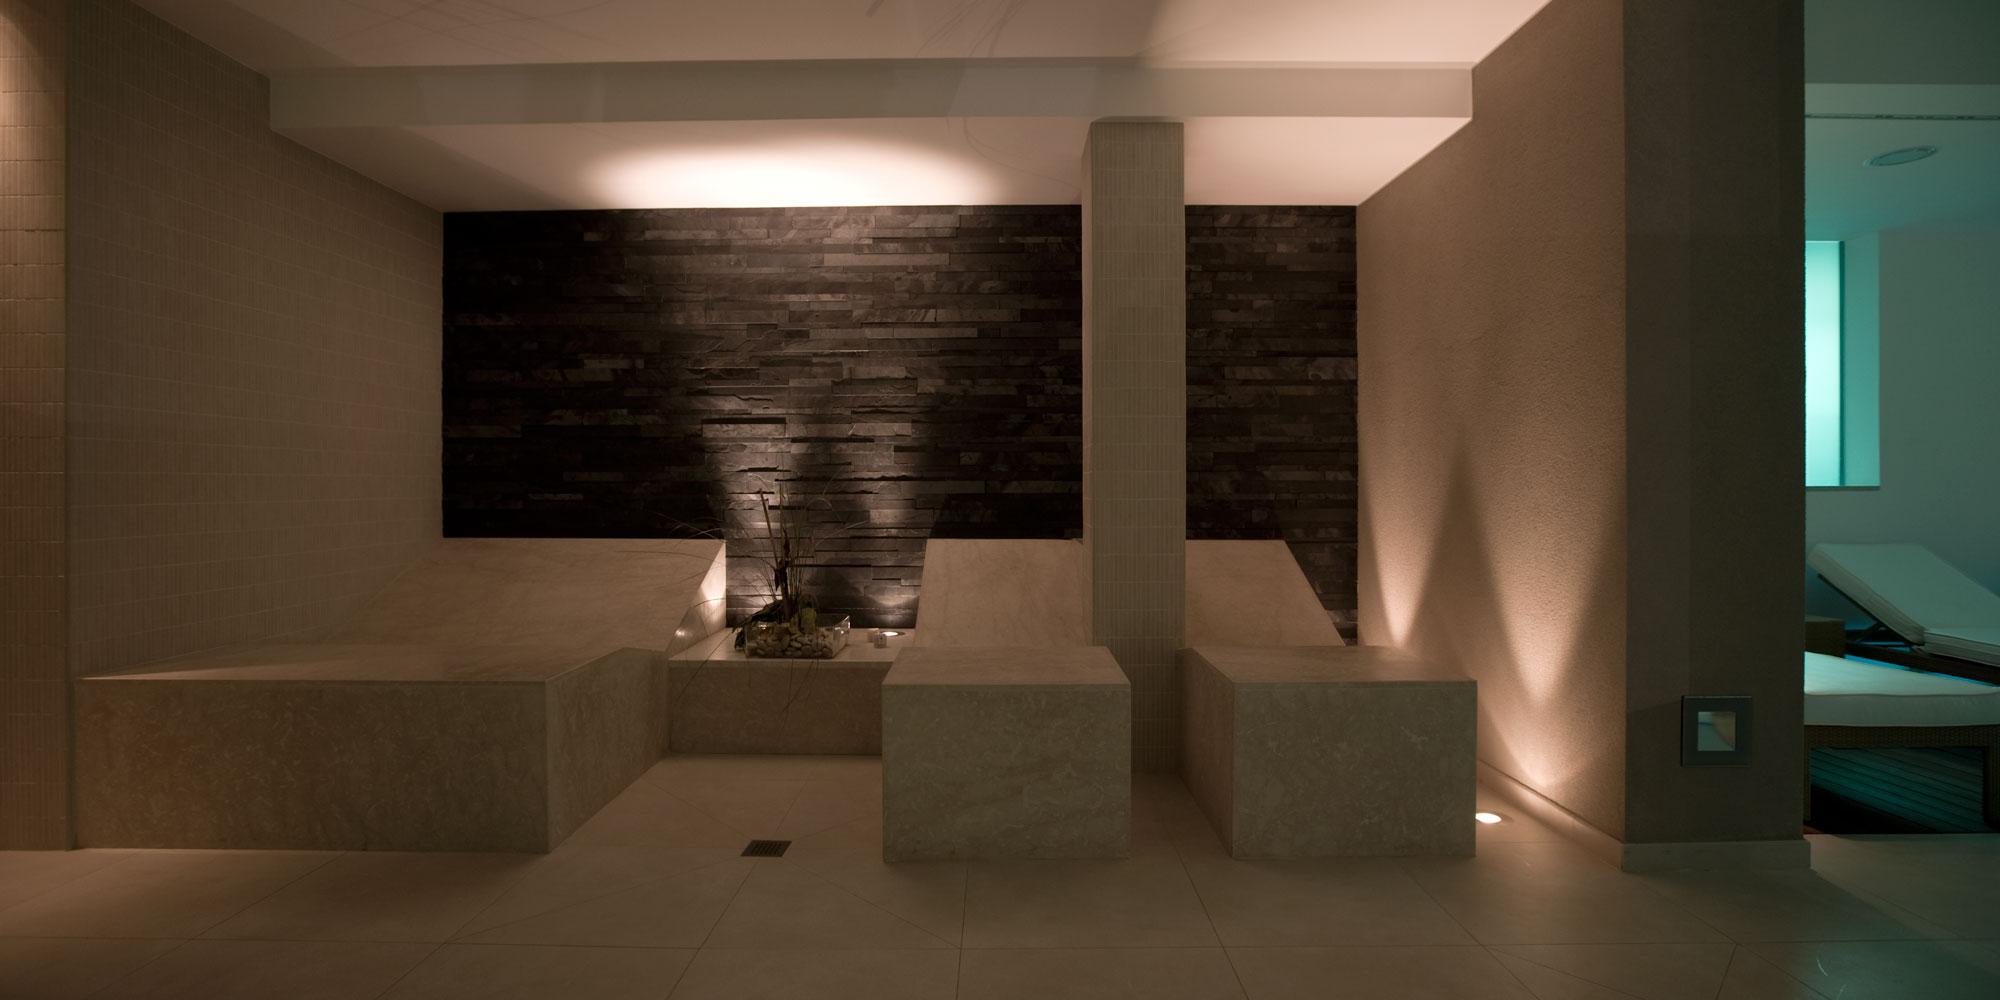 Centro benessere baia spa 3